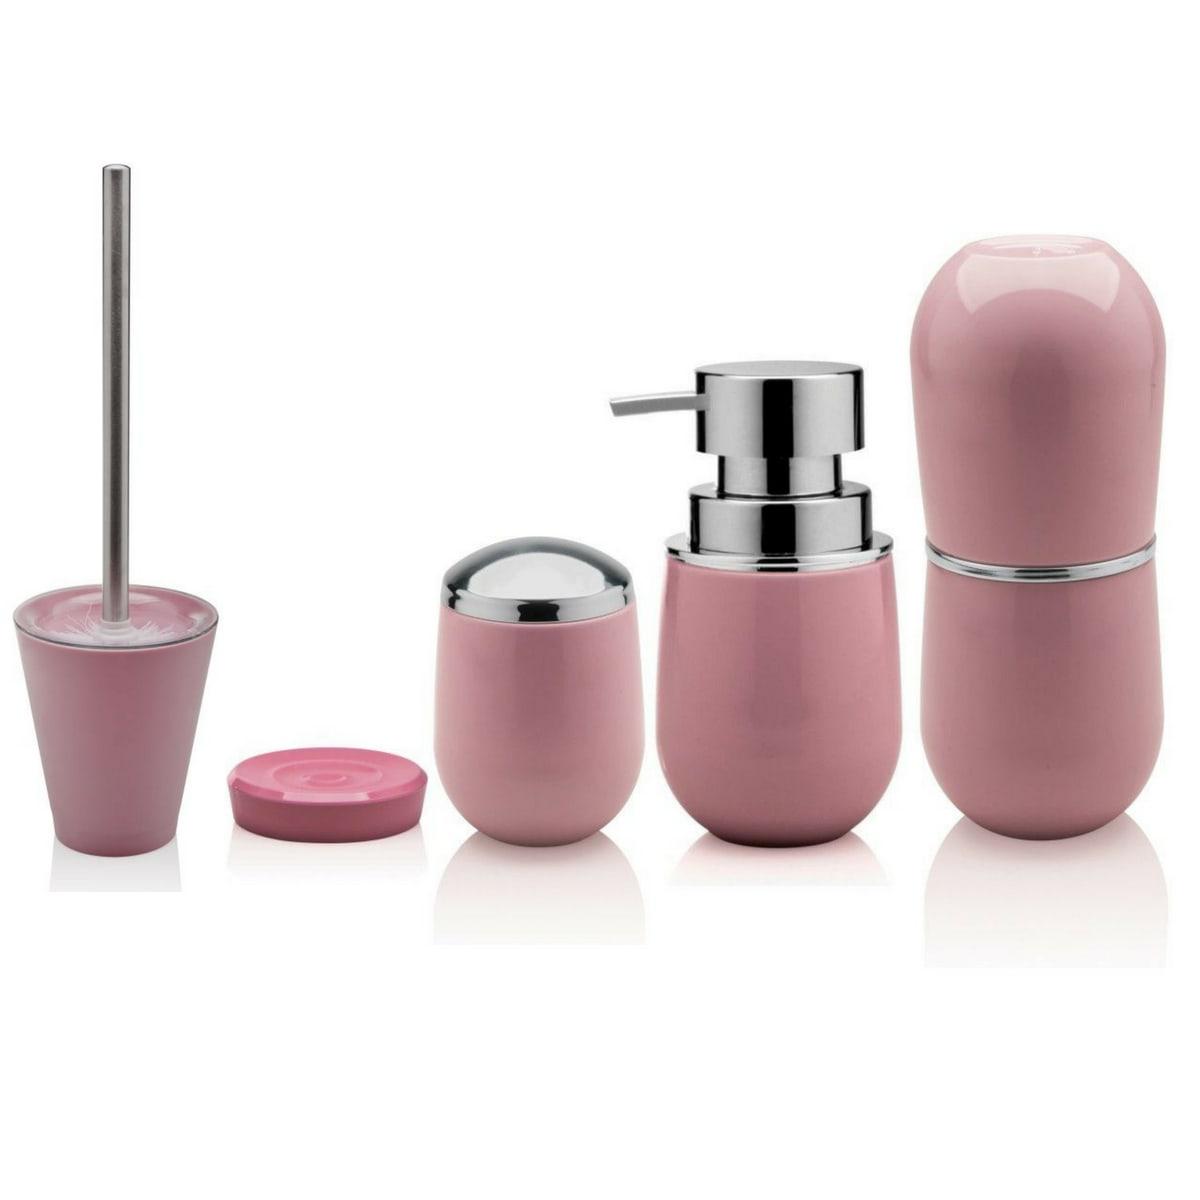 Kit Para Banheiro 5 peças cor rosa